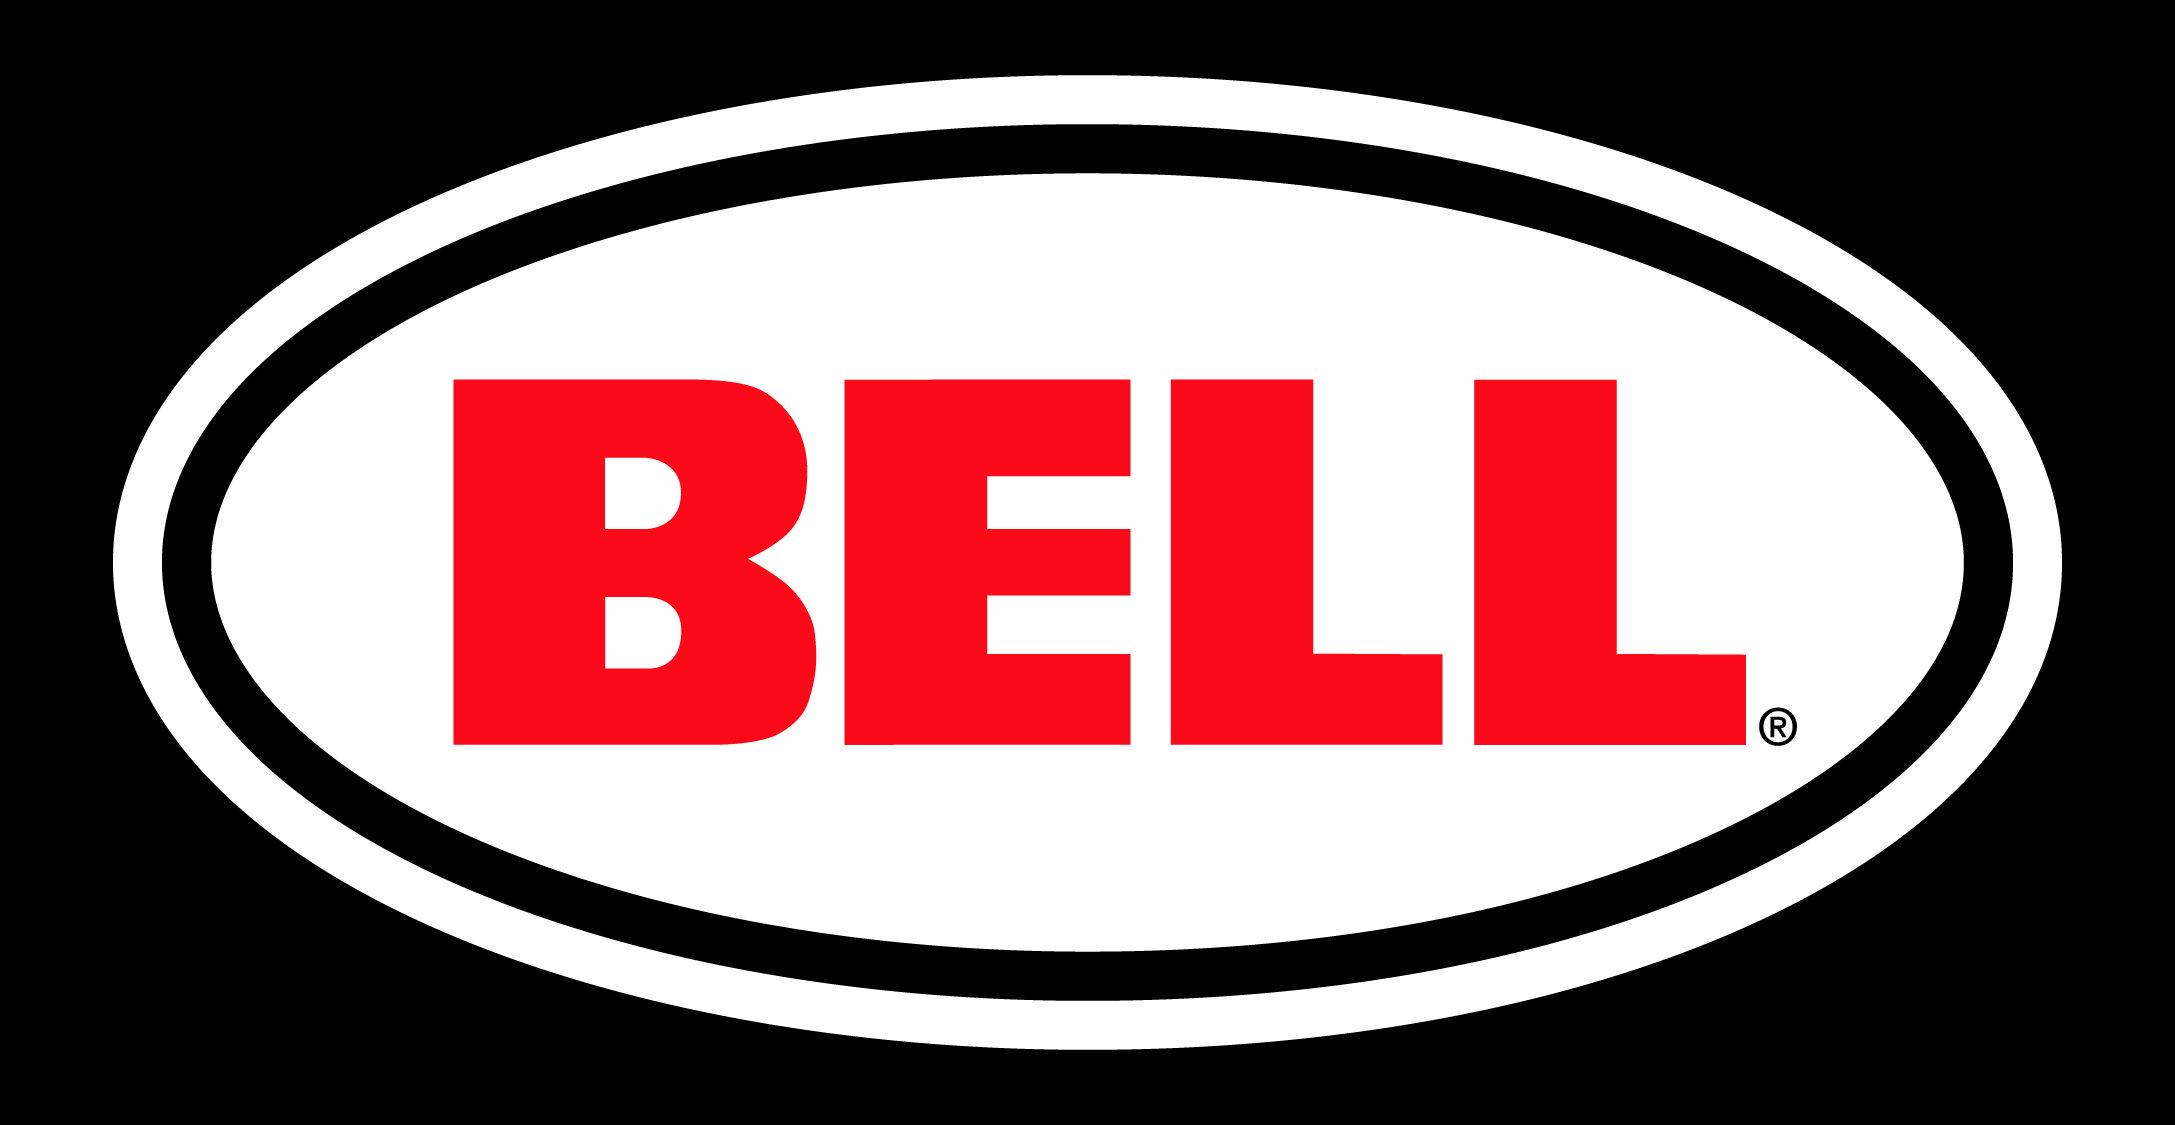 Risultati immagini per logo bell helmets